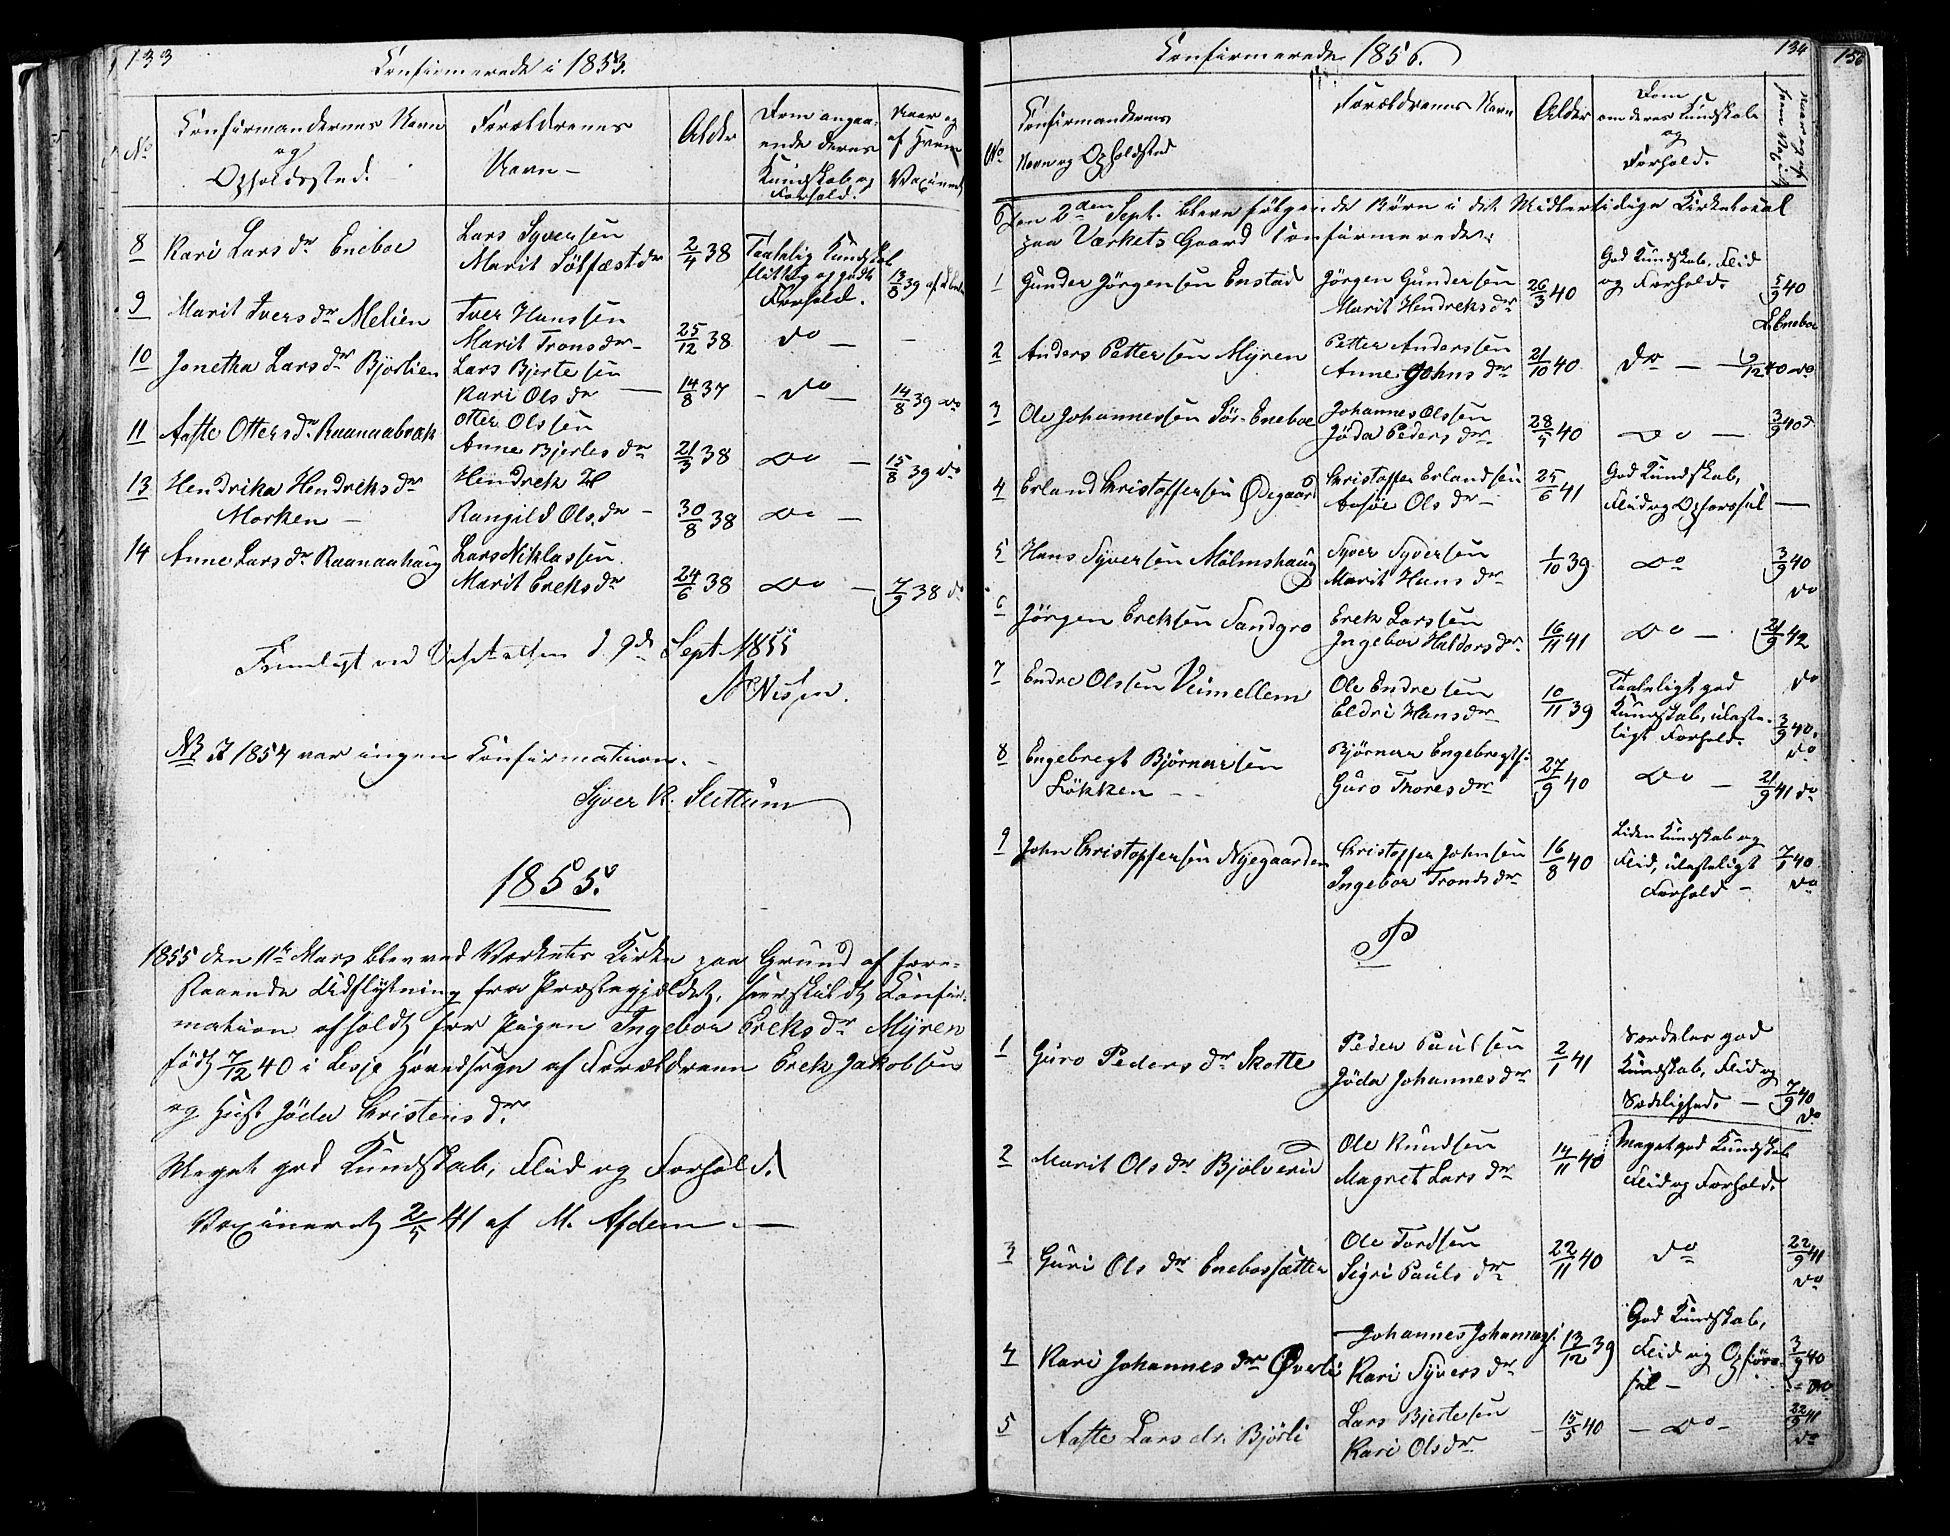 SAH, Lesja prestekontor, Parish register (copy) no. 4, 1842-1871, p. 133-134